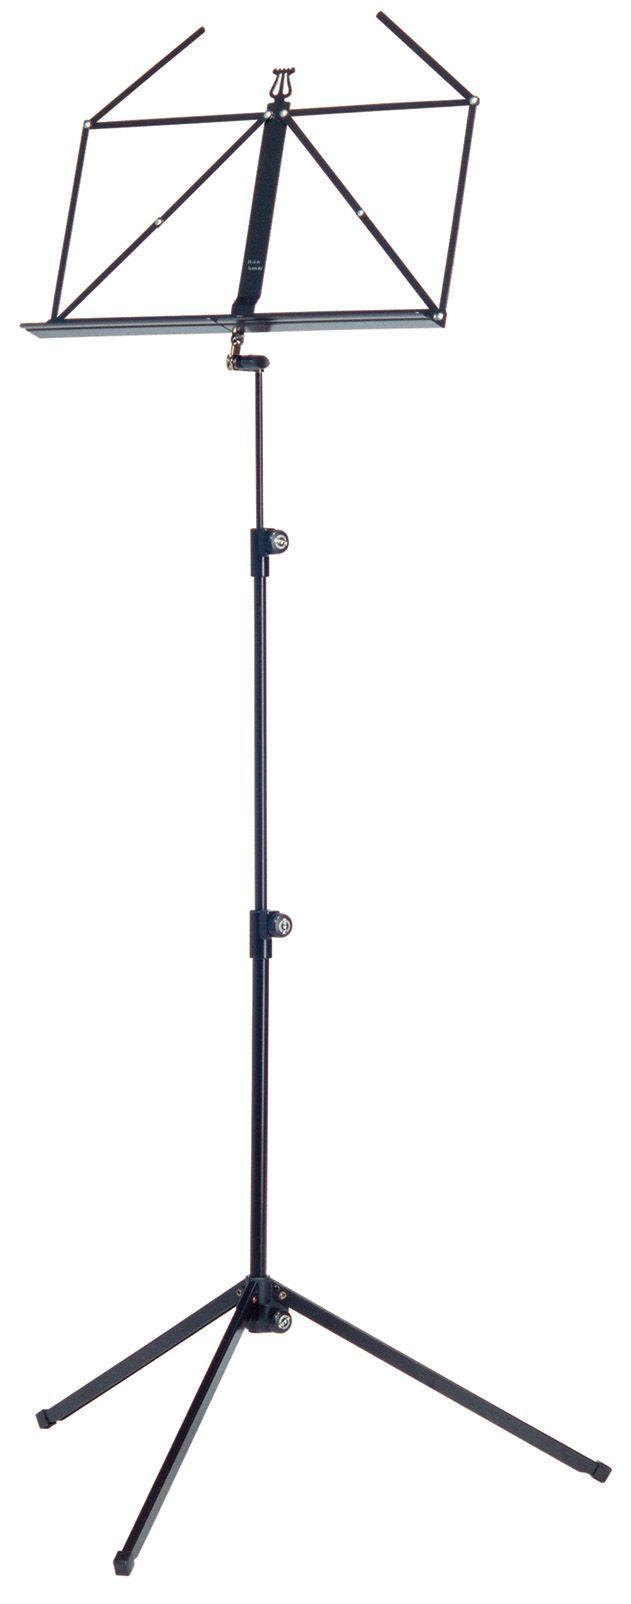 K&M 10010 Notenpult schwarz , Höhe 625-1240 mm, zusammengelegt 460mm 100/1